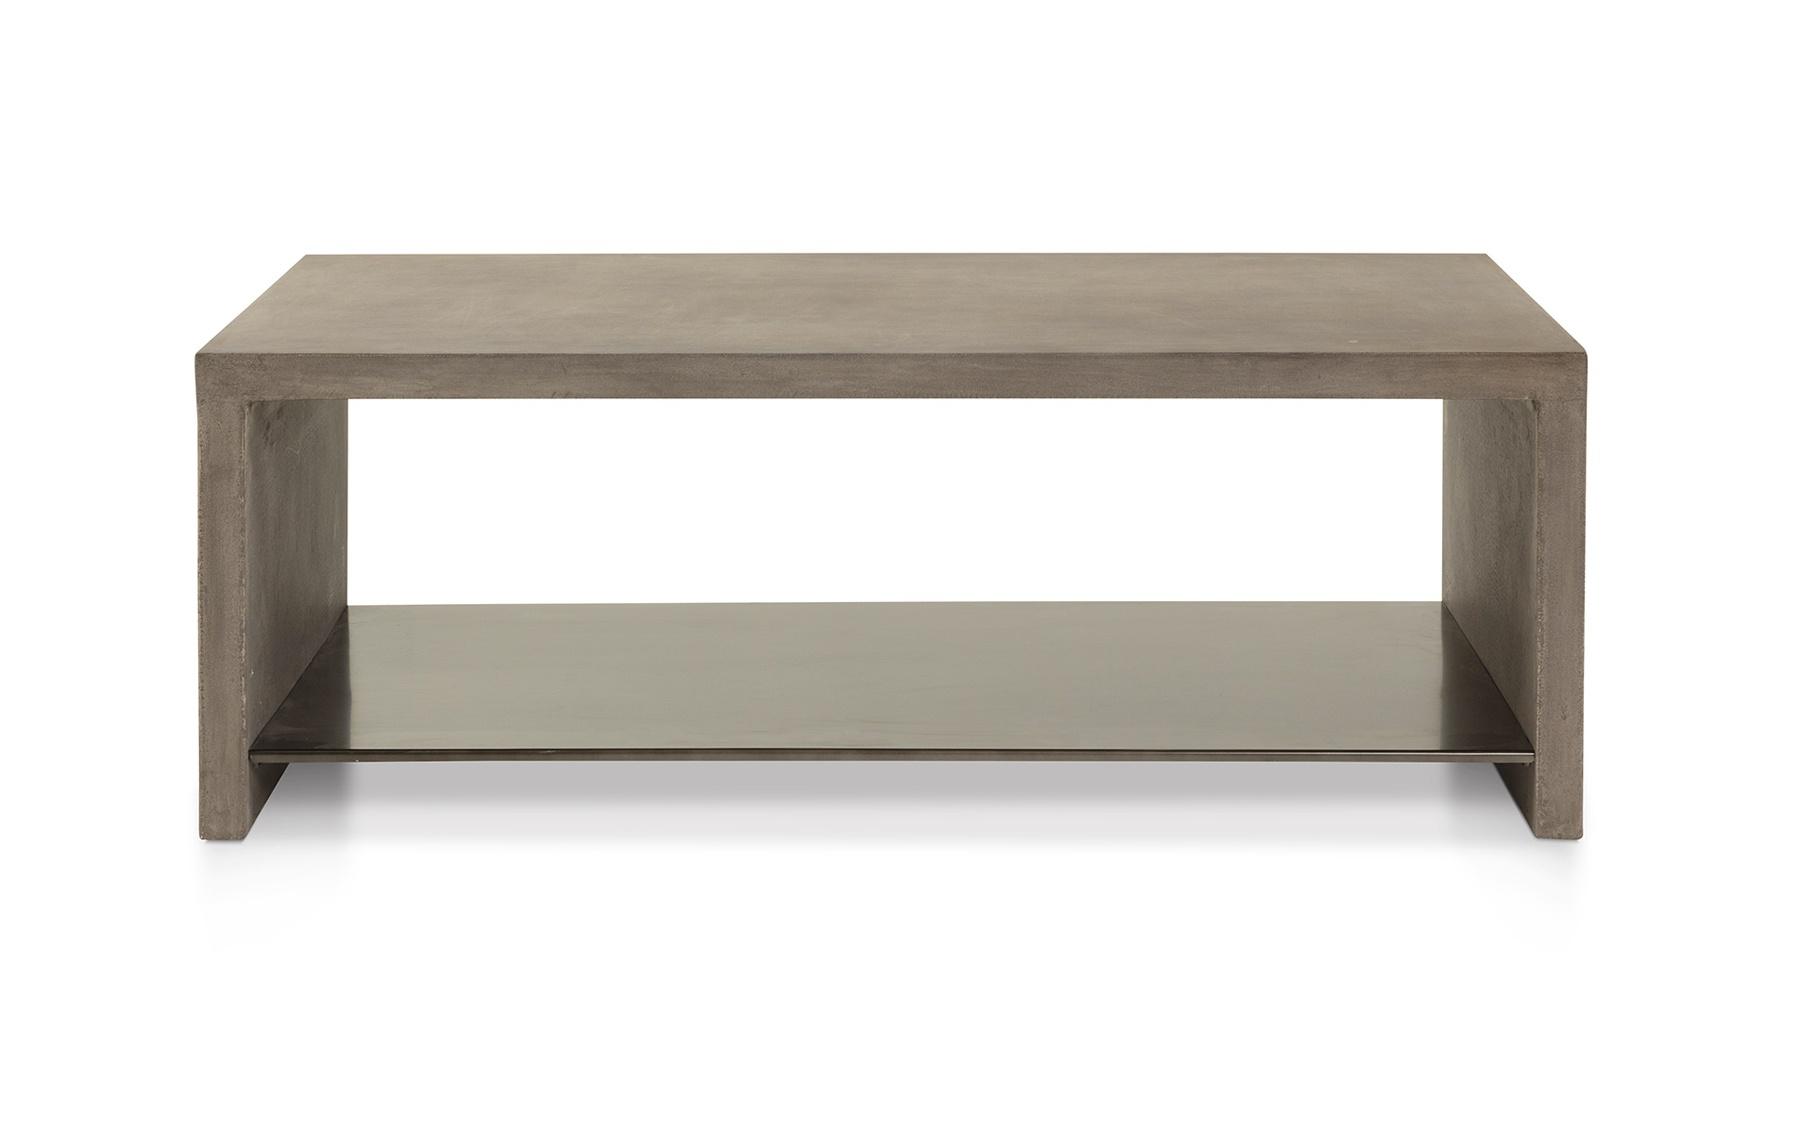 Table basse d350 tables d 39 appoint accessoires la for Galerie du meuble